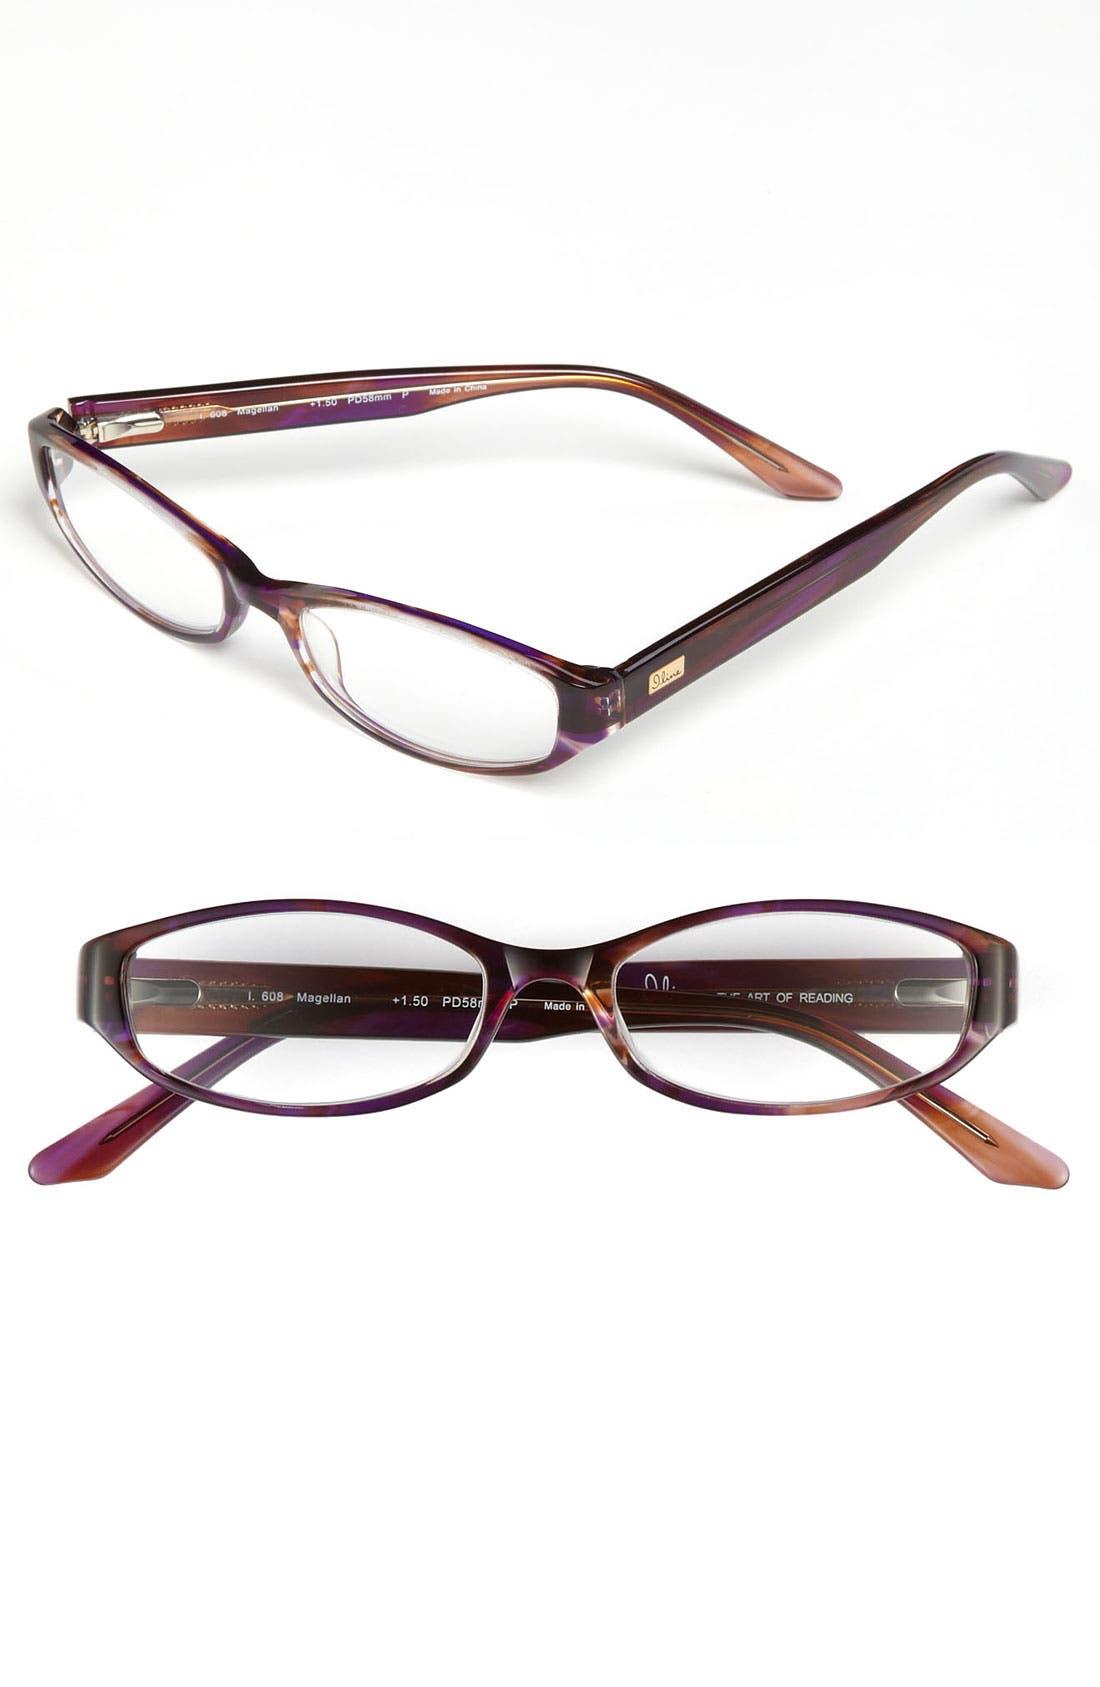 Main Image - I Line Eyewear 'Magellan' Reading Glasses